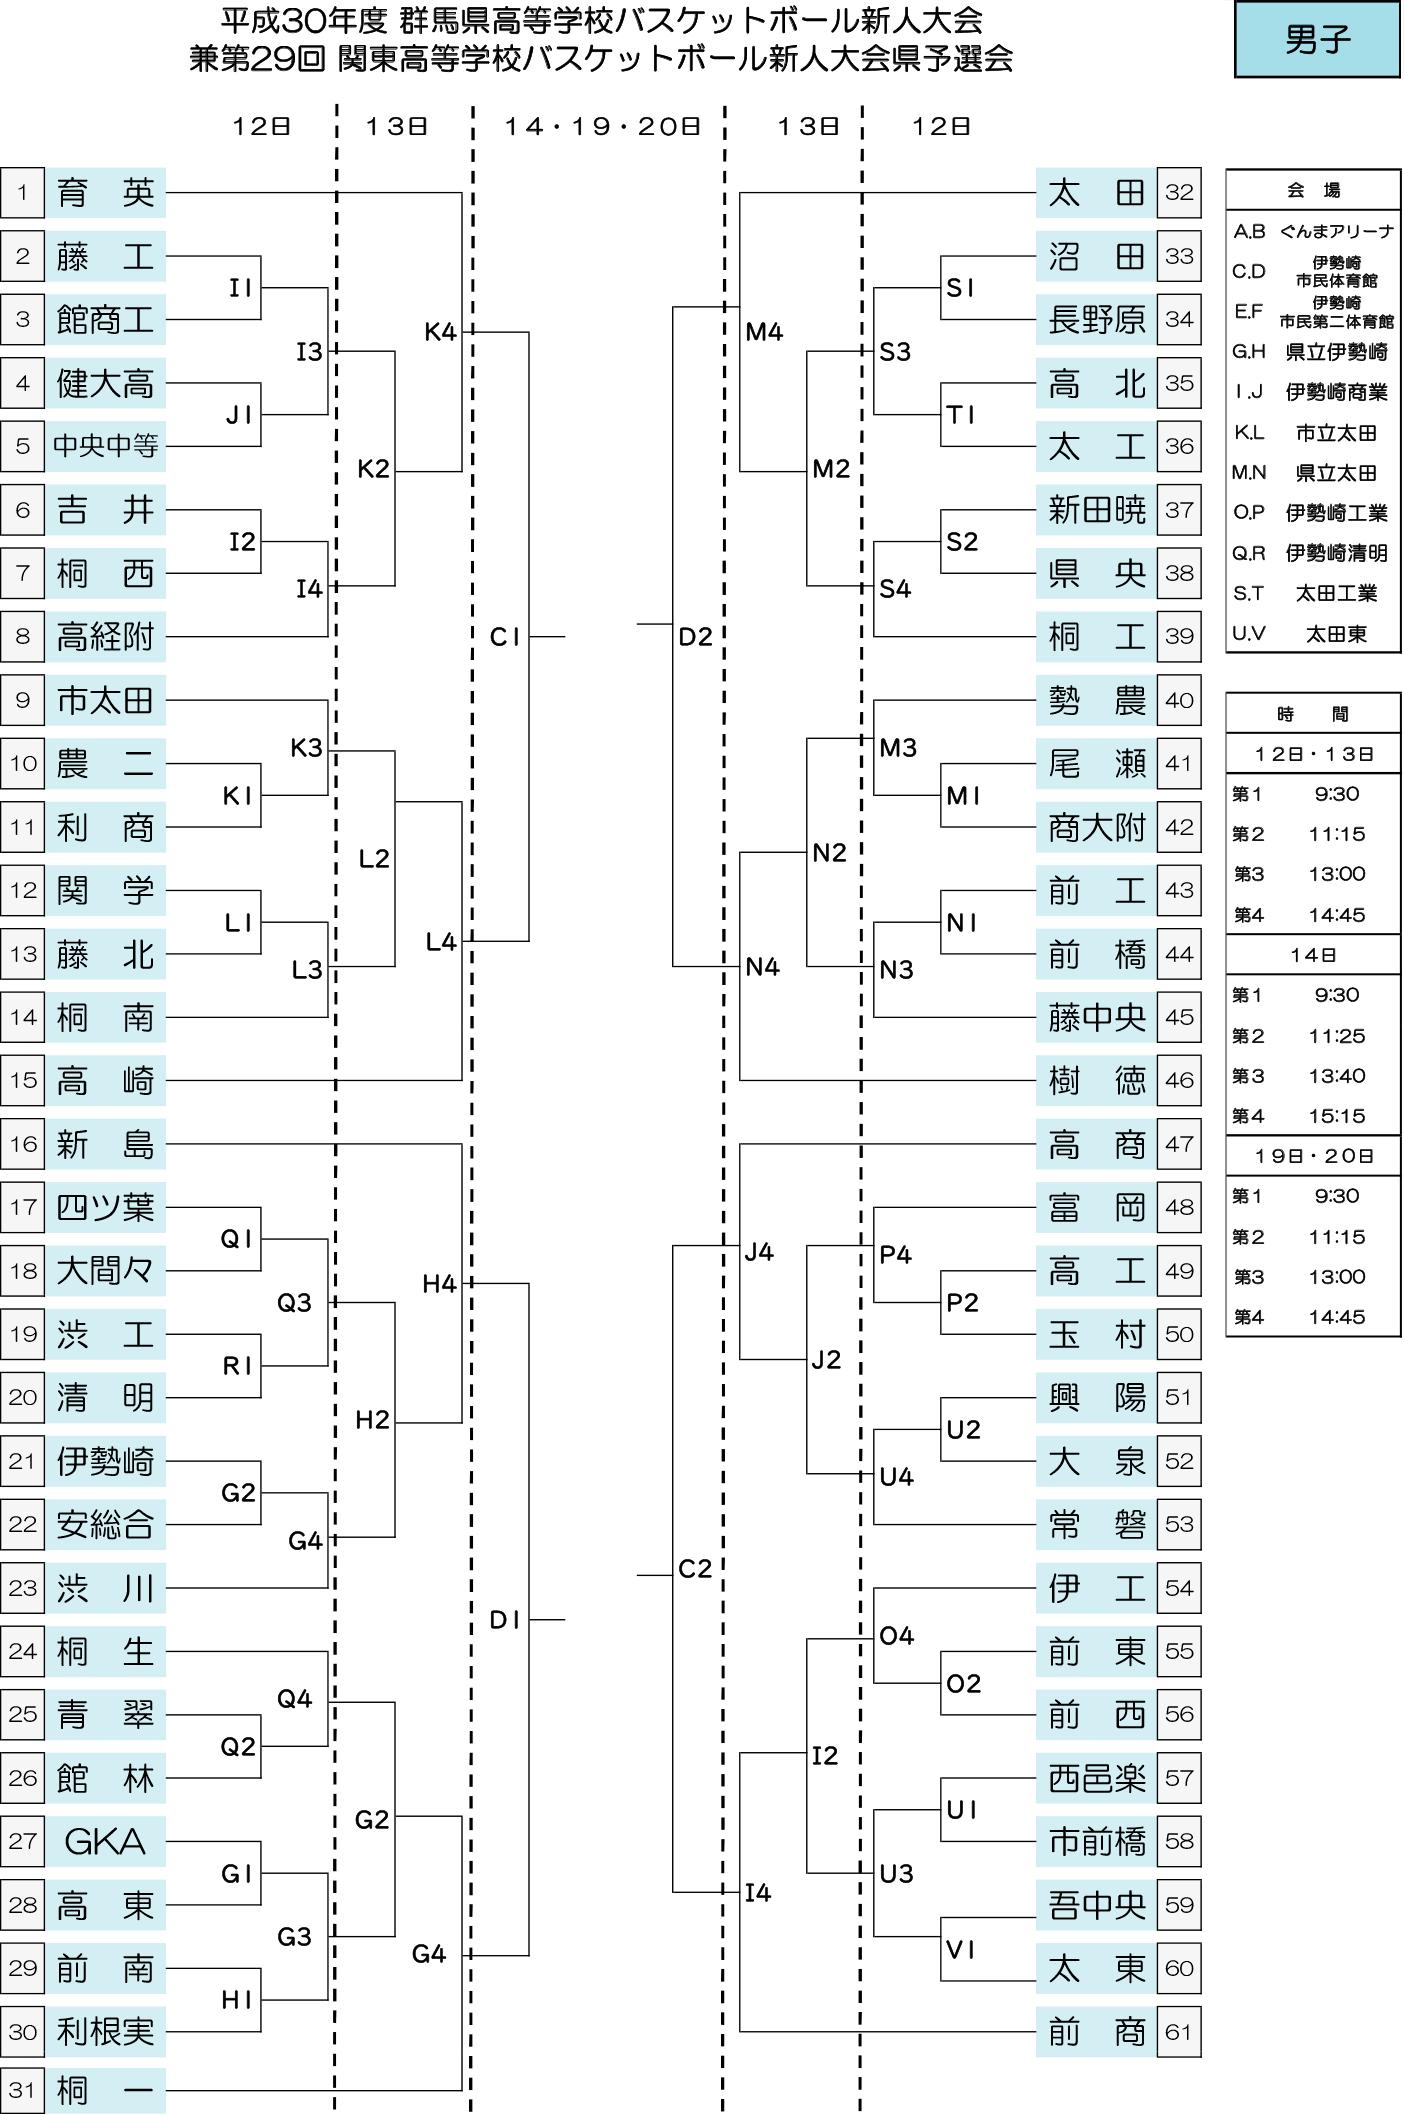 2018(平成30)年度 高体連新人大会 - 男子 組み合わせ